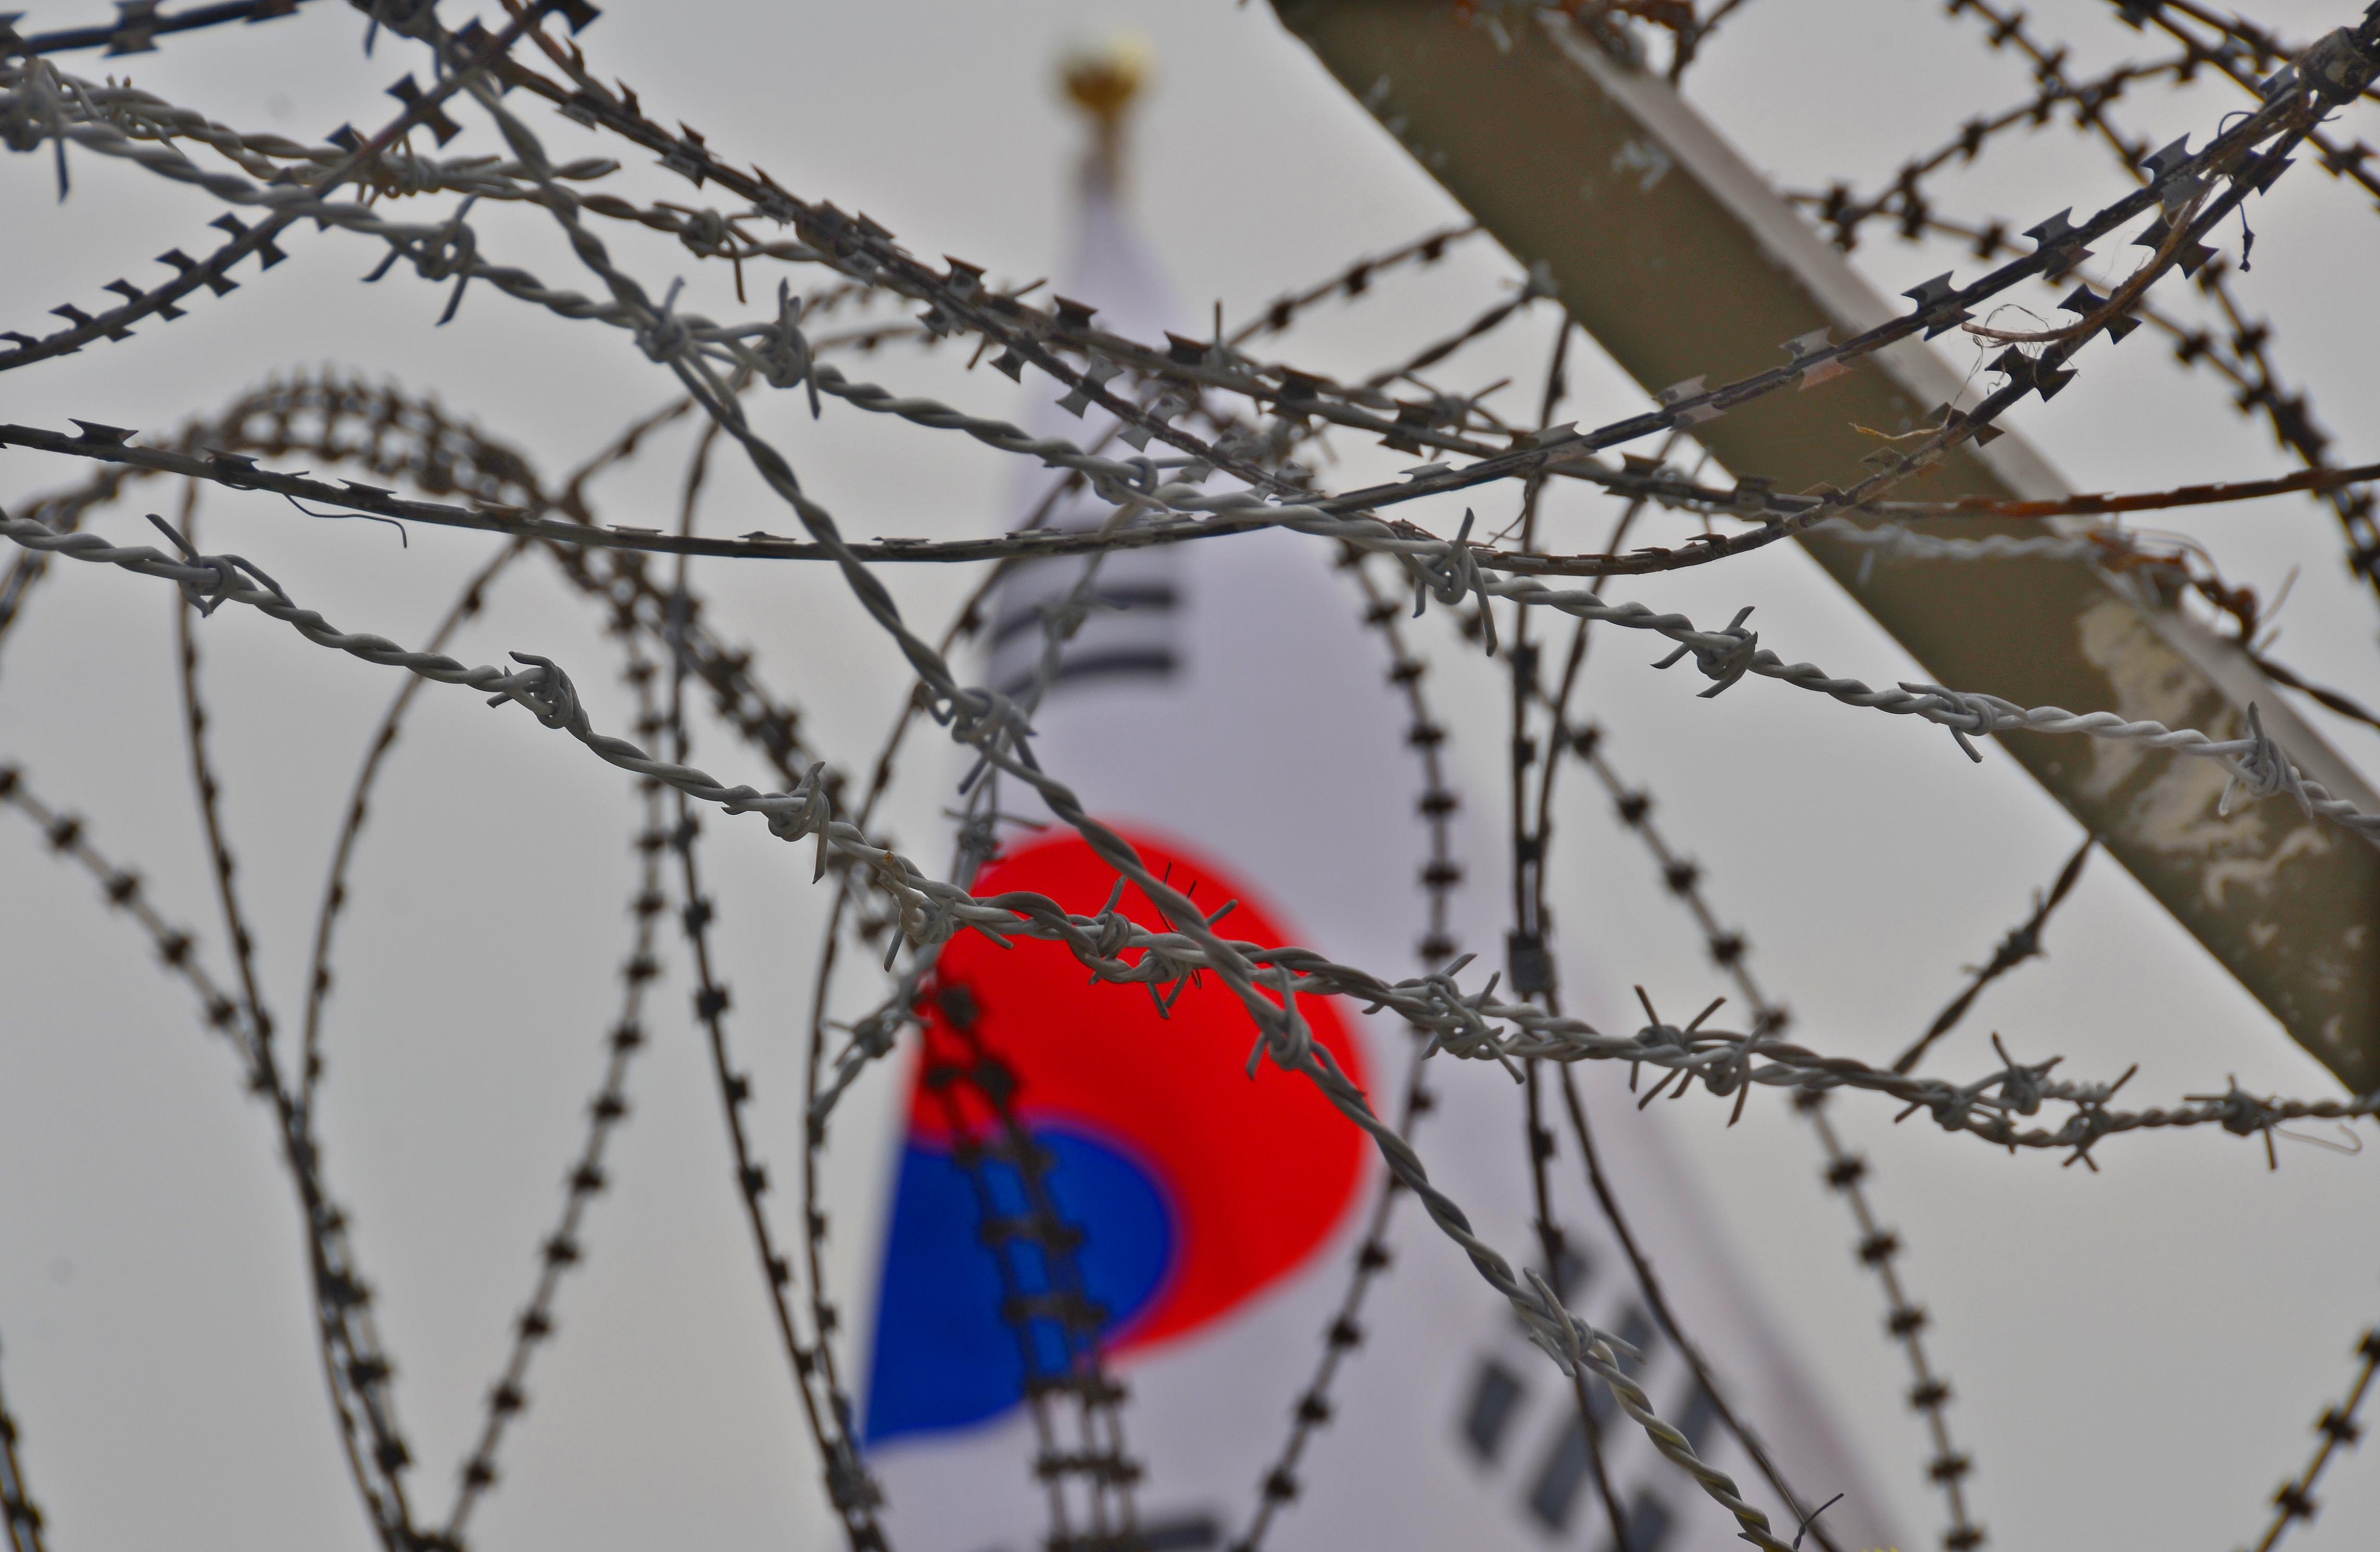 Disparos de advertência da Coreia do Sul contra objeto norte-coreano